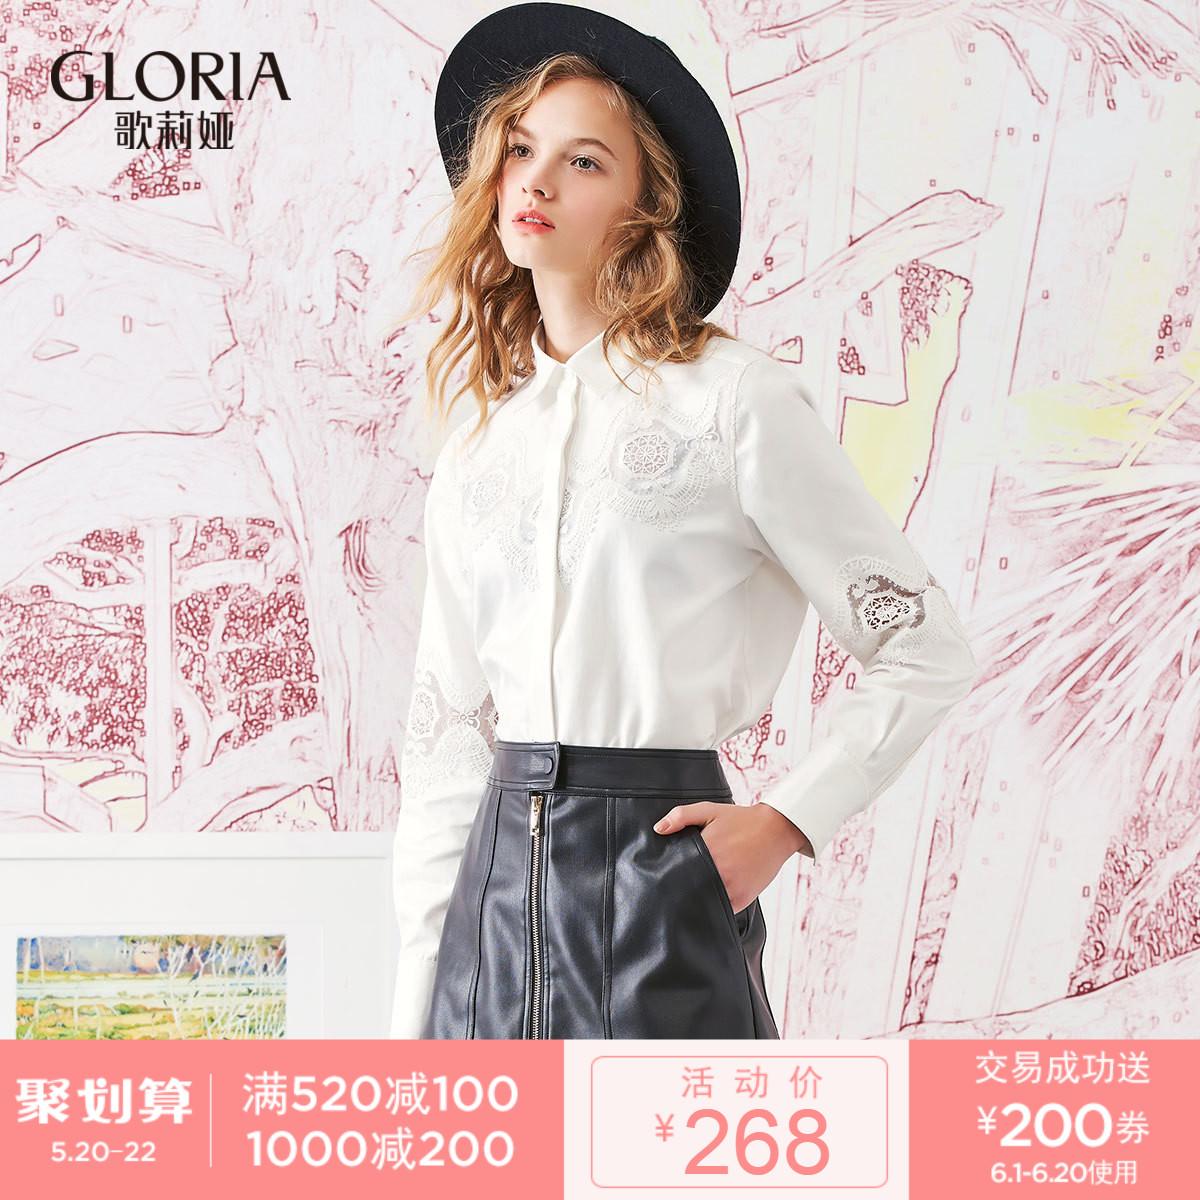 歌莉娅女装 GLORIA歌莉娅女装2018新款定位拼接蕾丝边衬衫181C3E150_推荐淘宝好看的歌莉娅